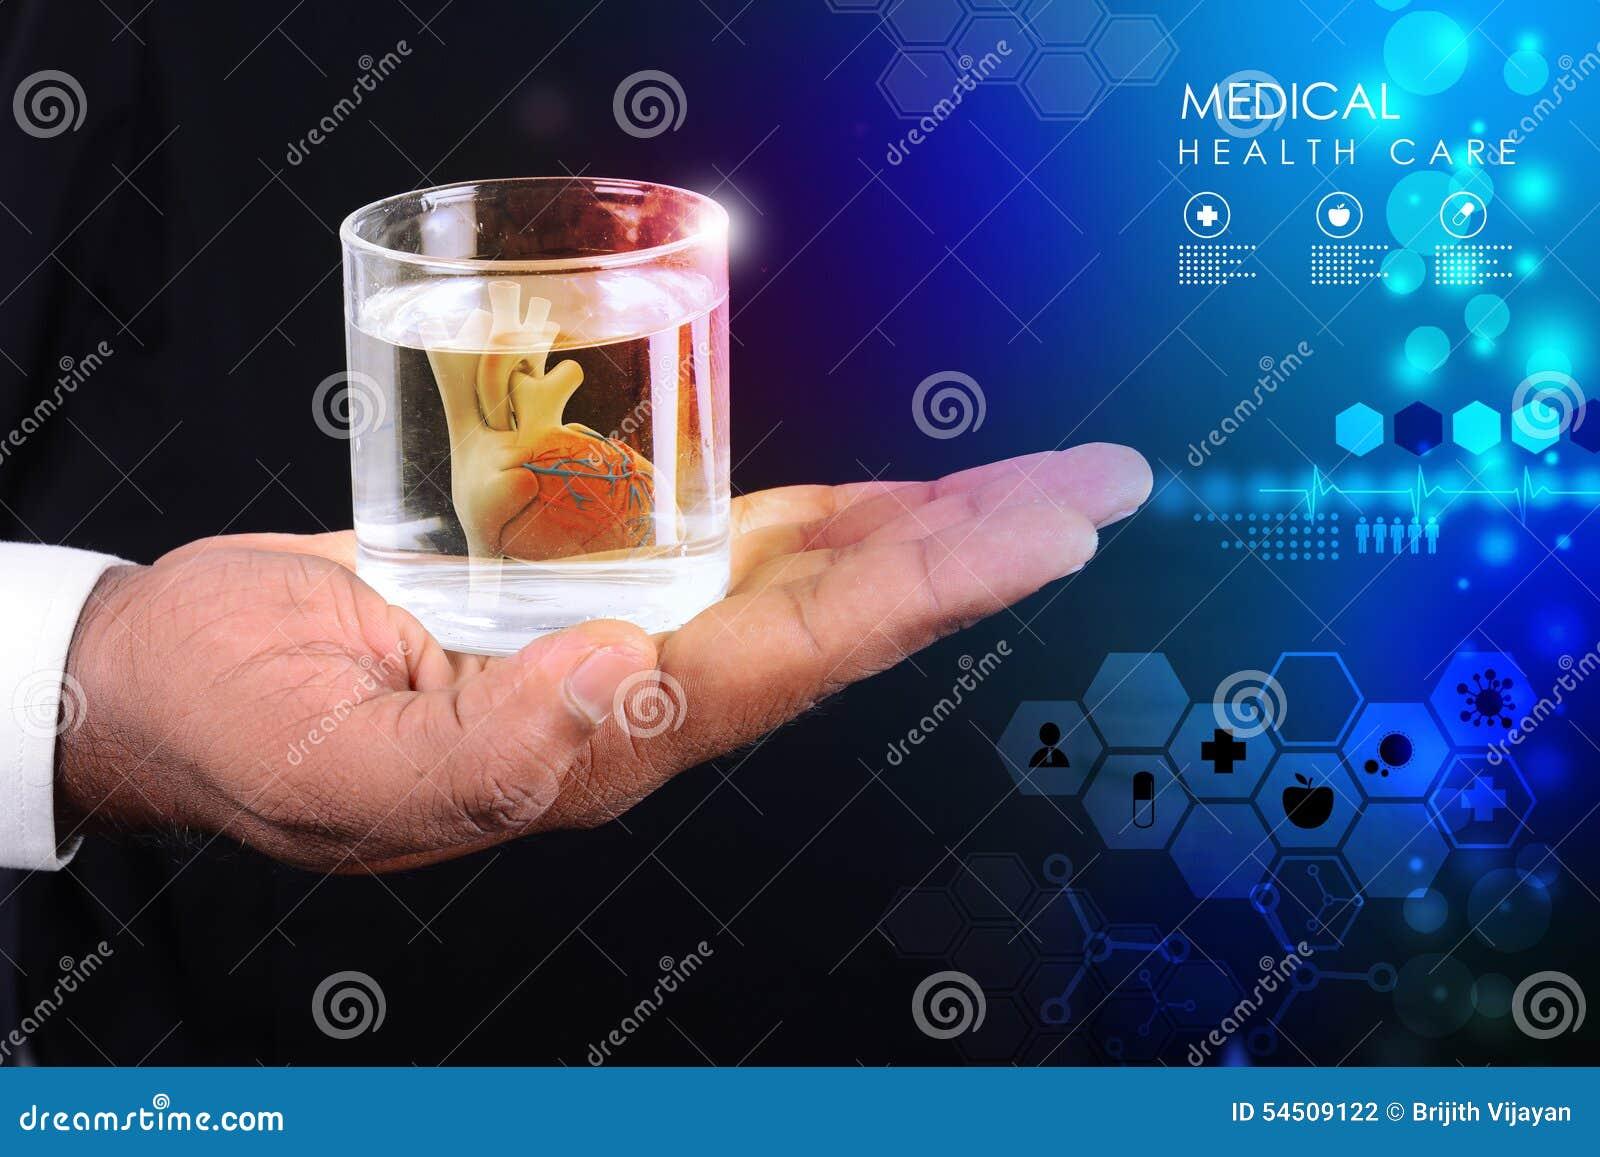 Mann Hält Ein Herz Im Glas Wasser Stockfoto Bild Von Farbe